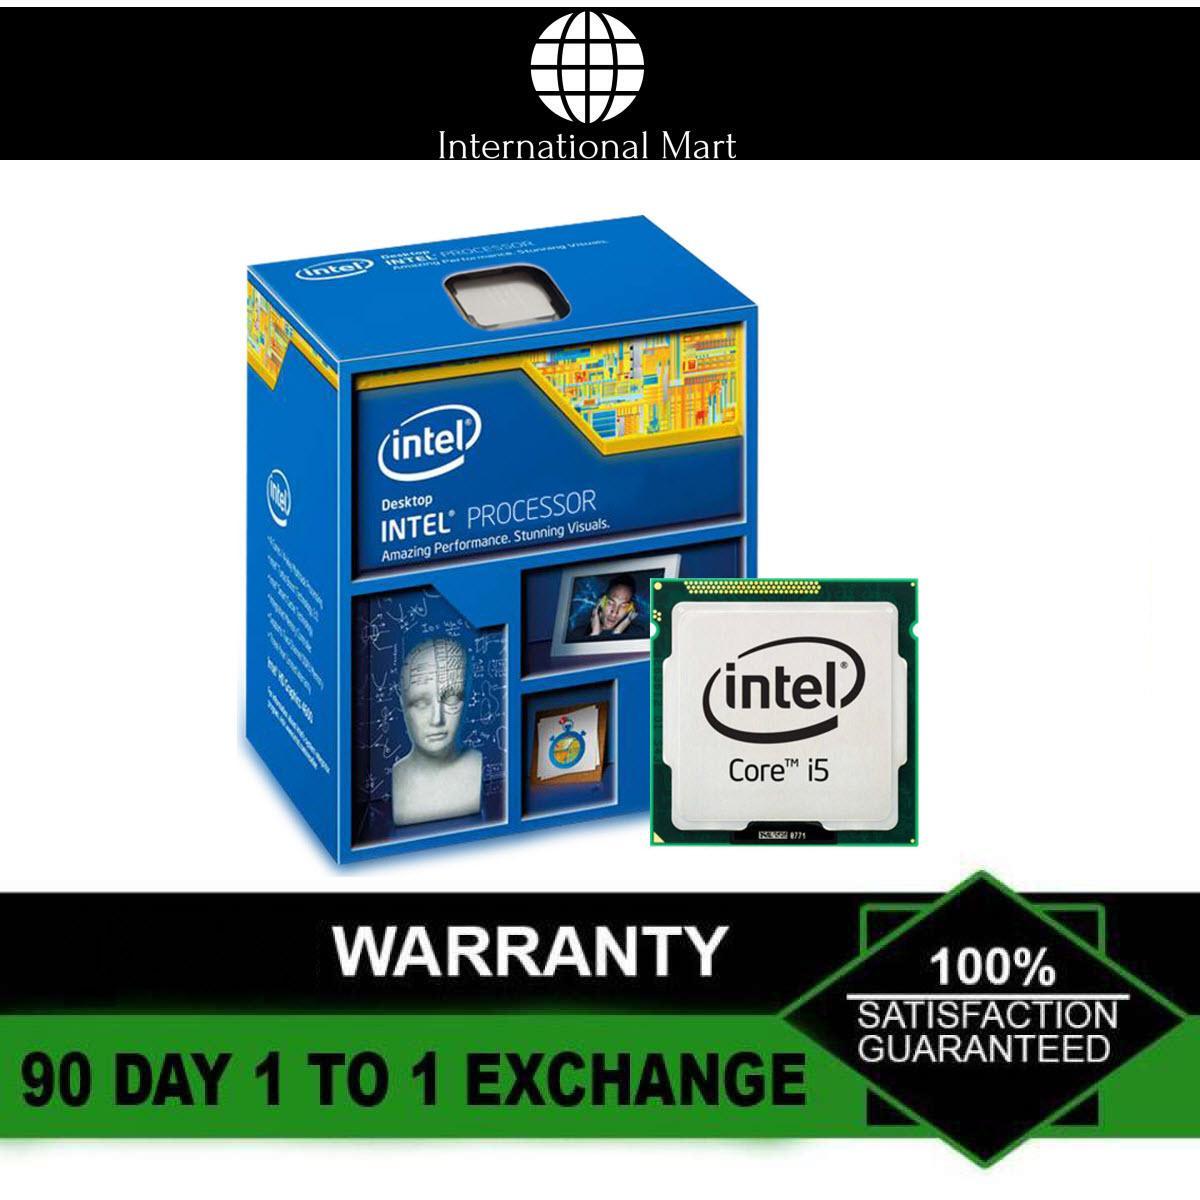 Chip xử lý Intel CPU Core I5 2400 (4 Lõi- 4 luồng) Chất Lượng Tốt- Hàng Nhập Khẩu